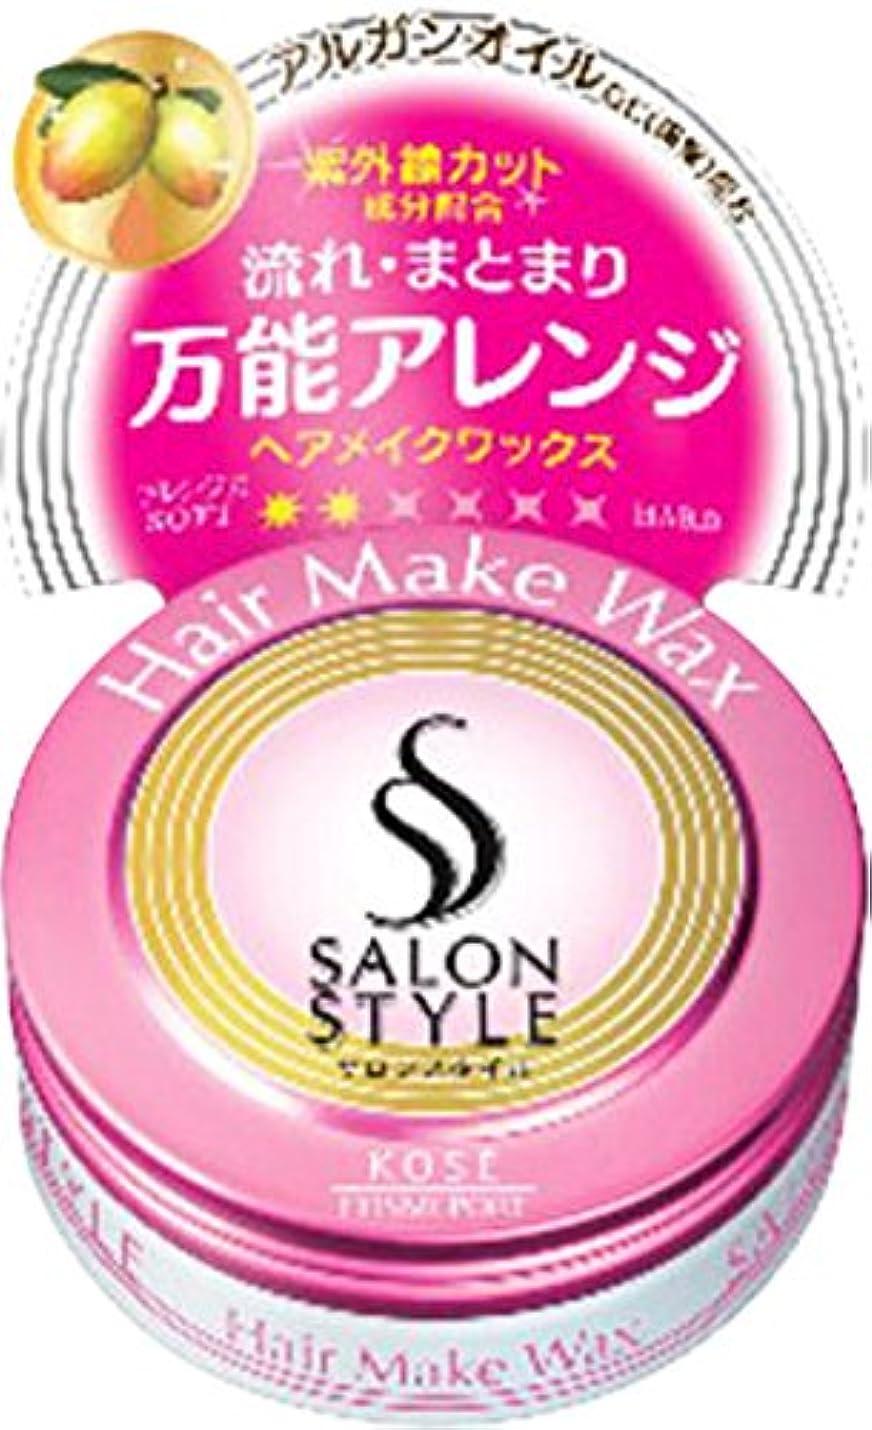 評価可能皮肉固体KOSE コーセー SALON STYLE(サロンスタイル) ヘアメイクワックス ミニ 22g